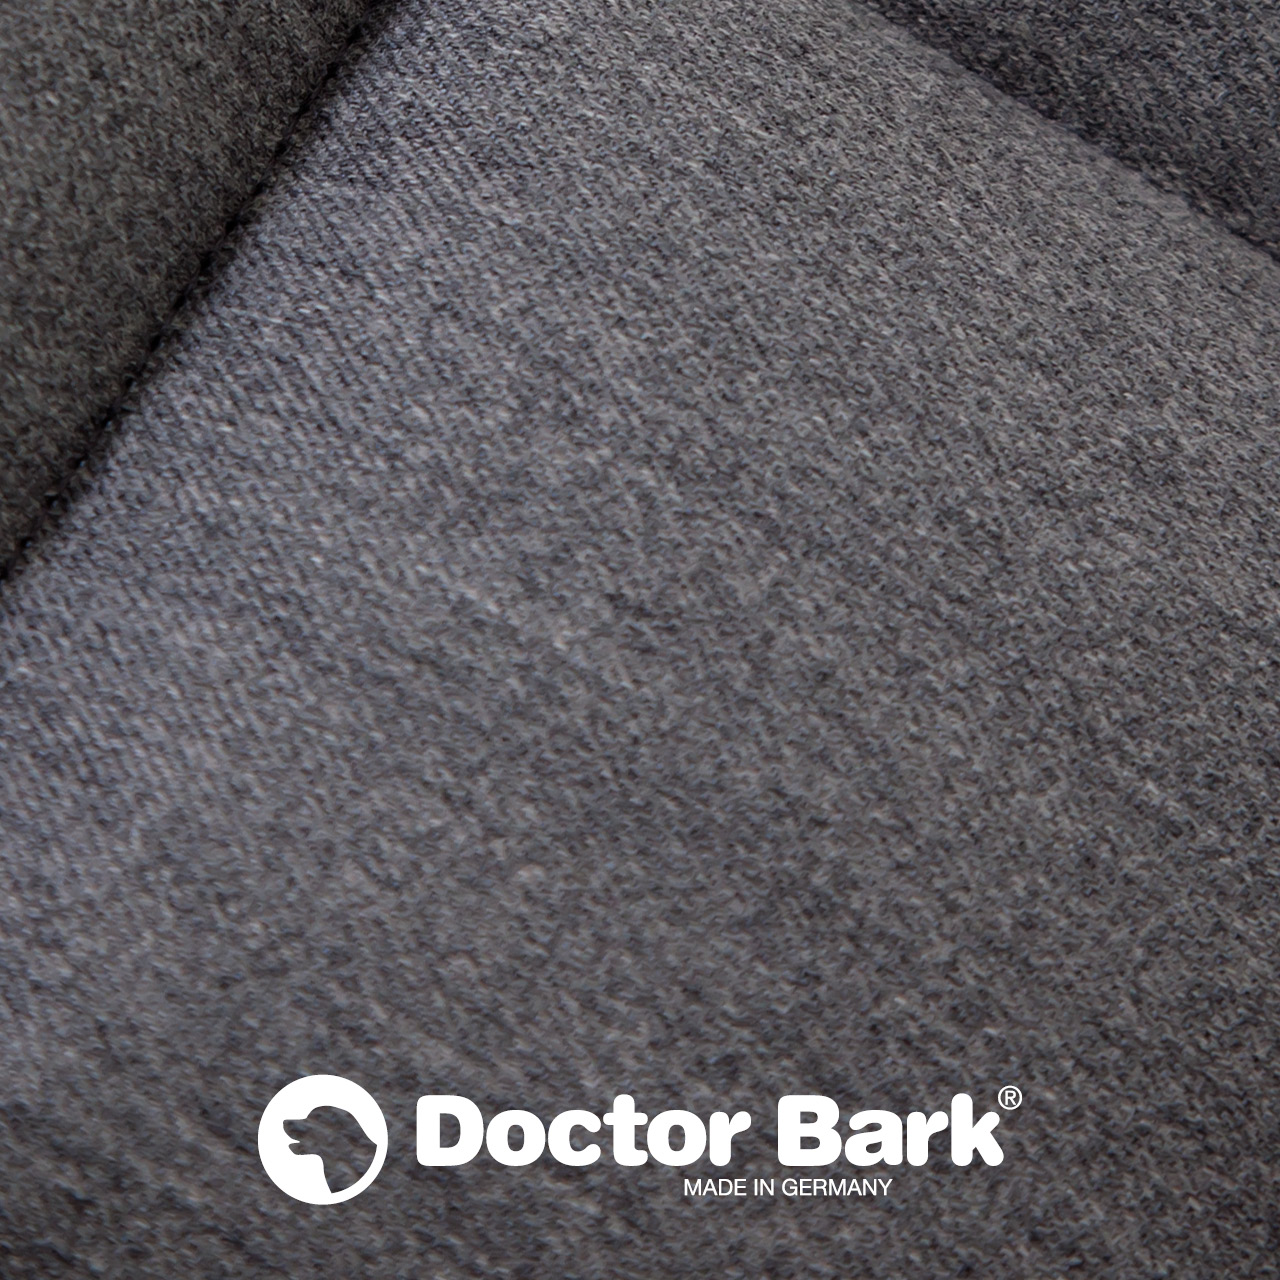 gepolsterte Einlegedecke für Doctor Bark Hundebett - grau